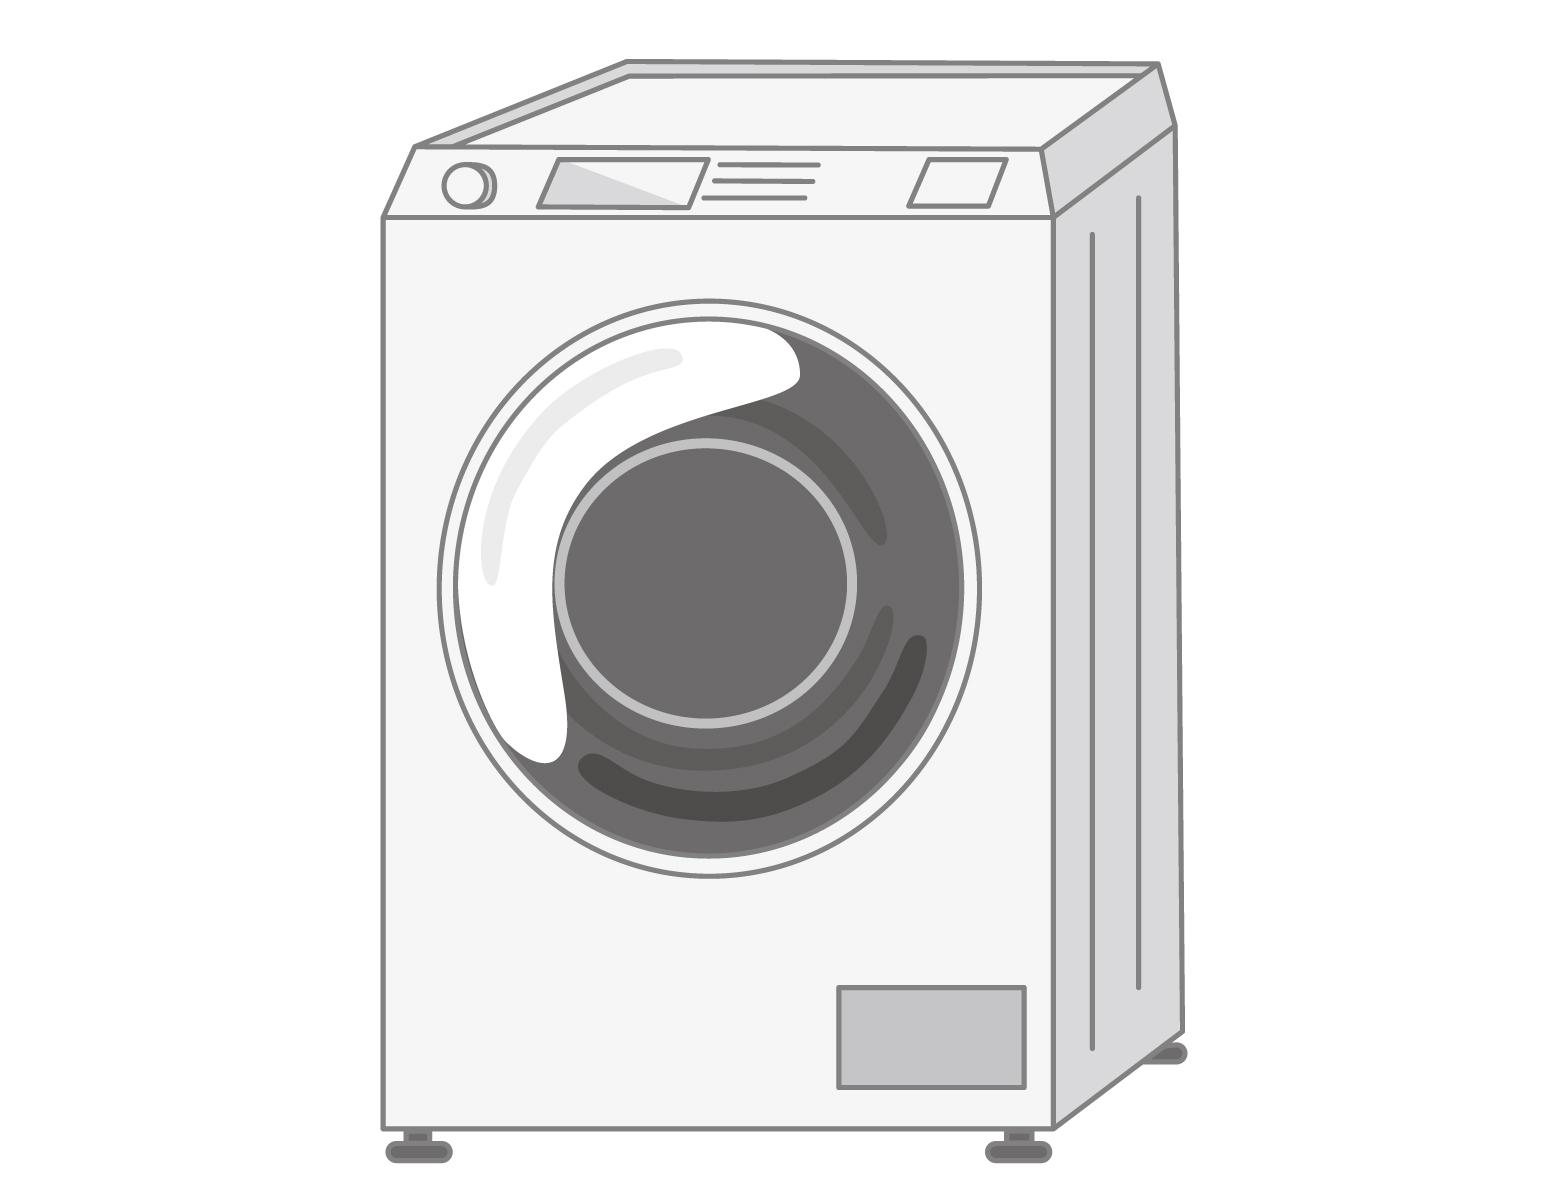 ドラム式洗濯機のイメージ画像